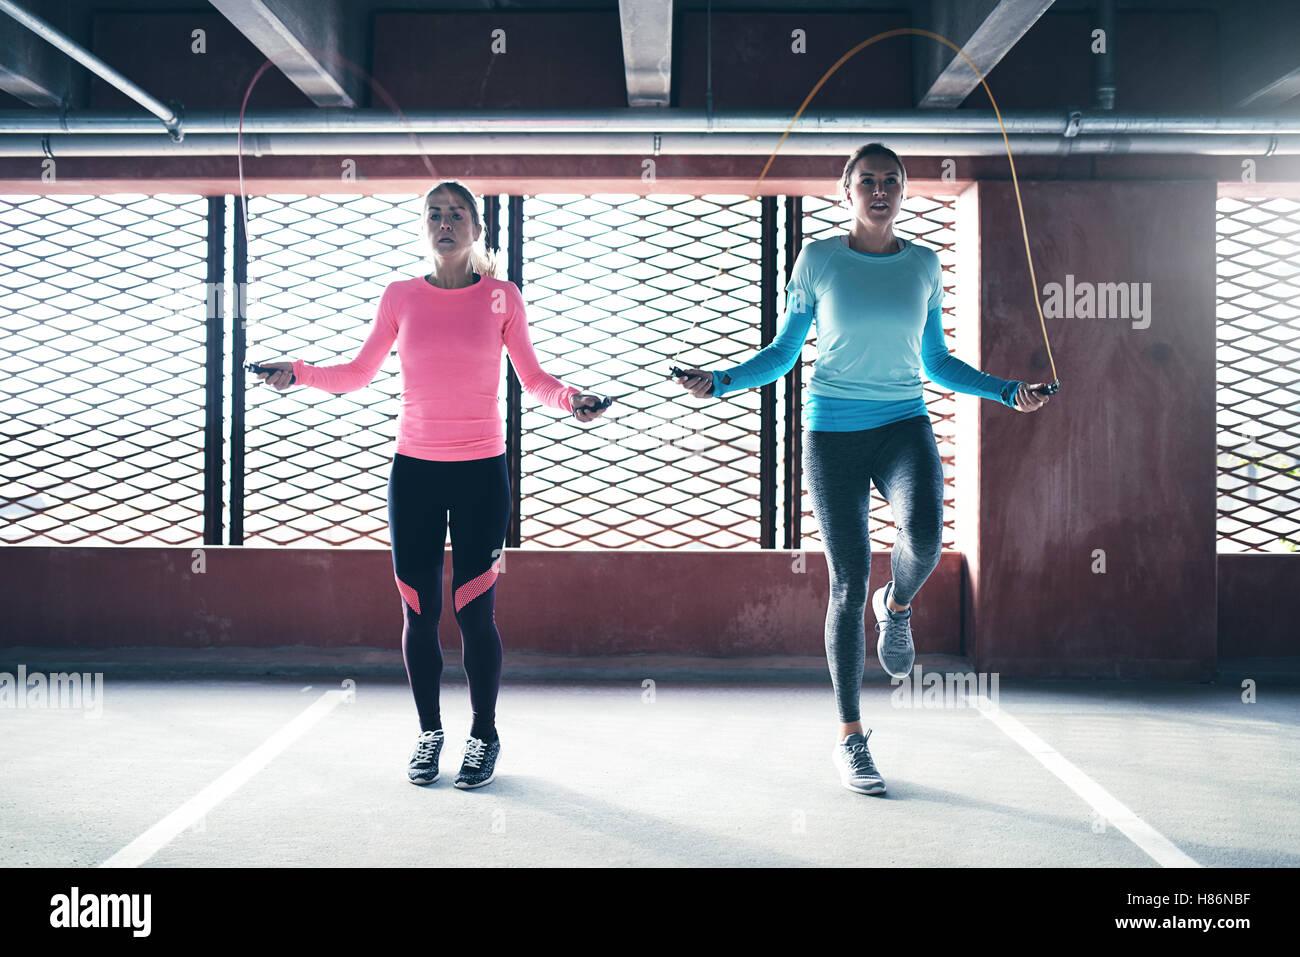 Vista frontale di due ragazze atletiche facendo salto con la corda di esercizio. Copyspace Immagini Stock